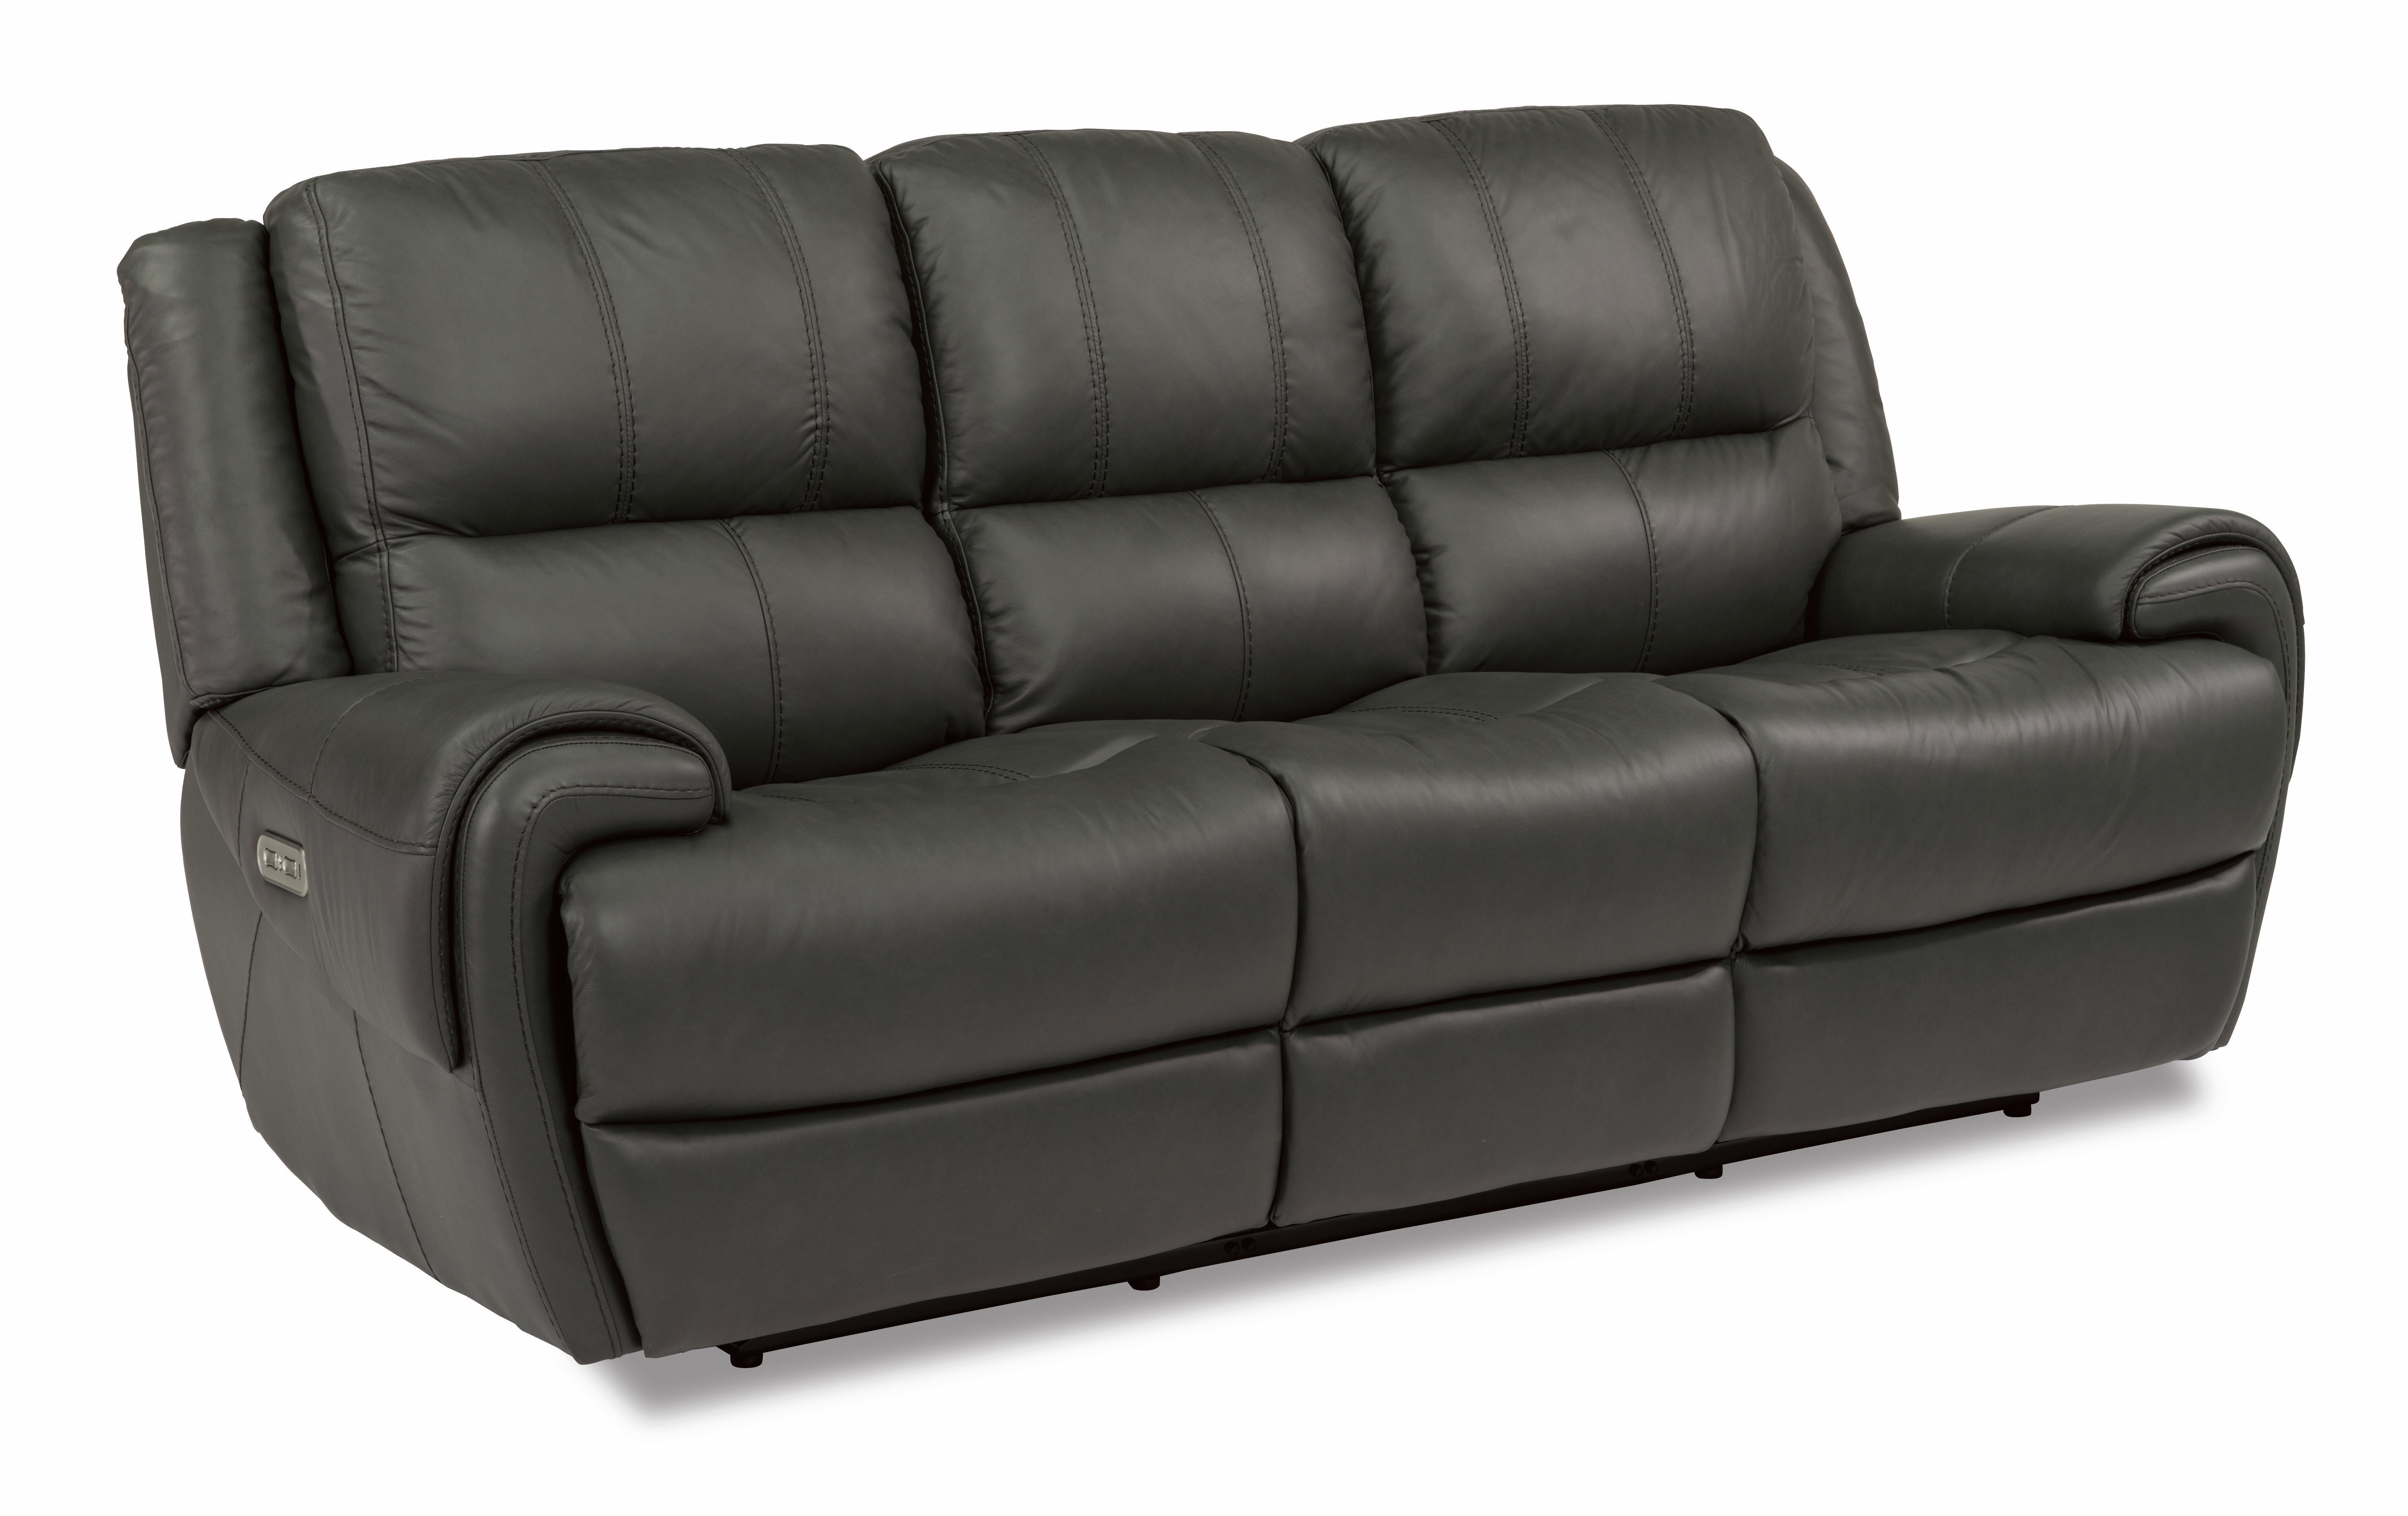 Flexsteel Furniture Kettle River Furniture and Bedding